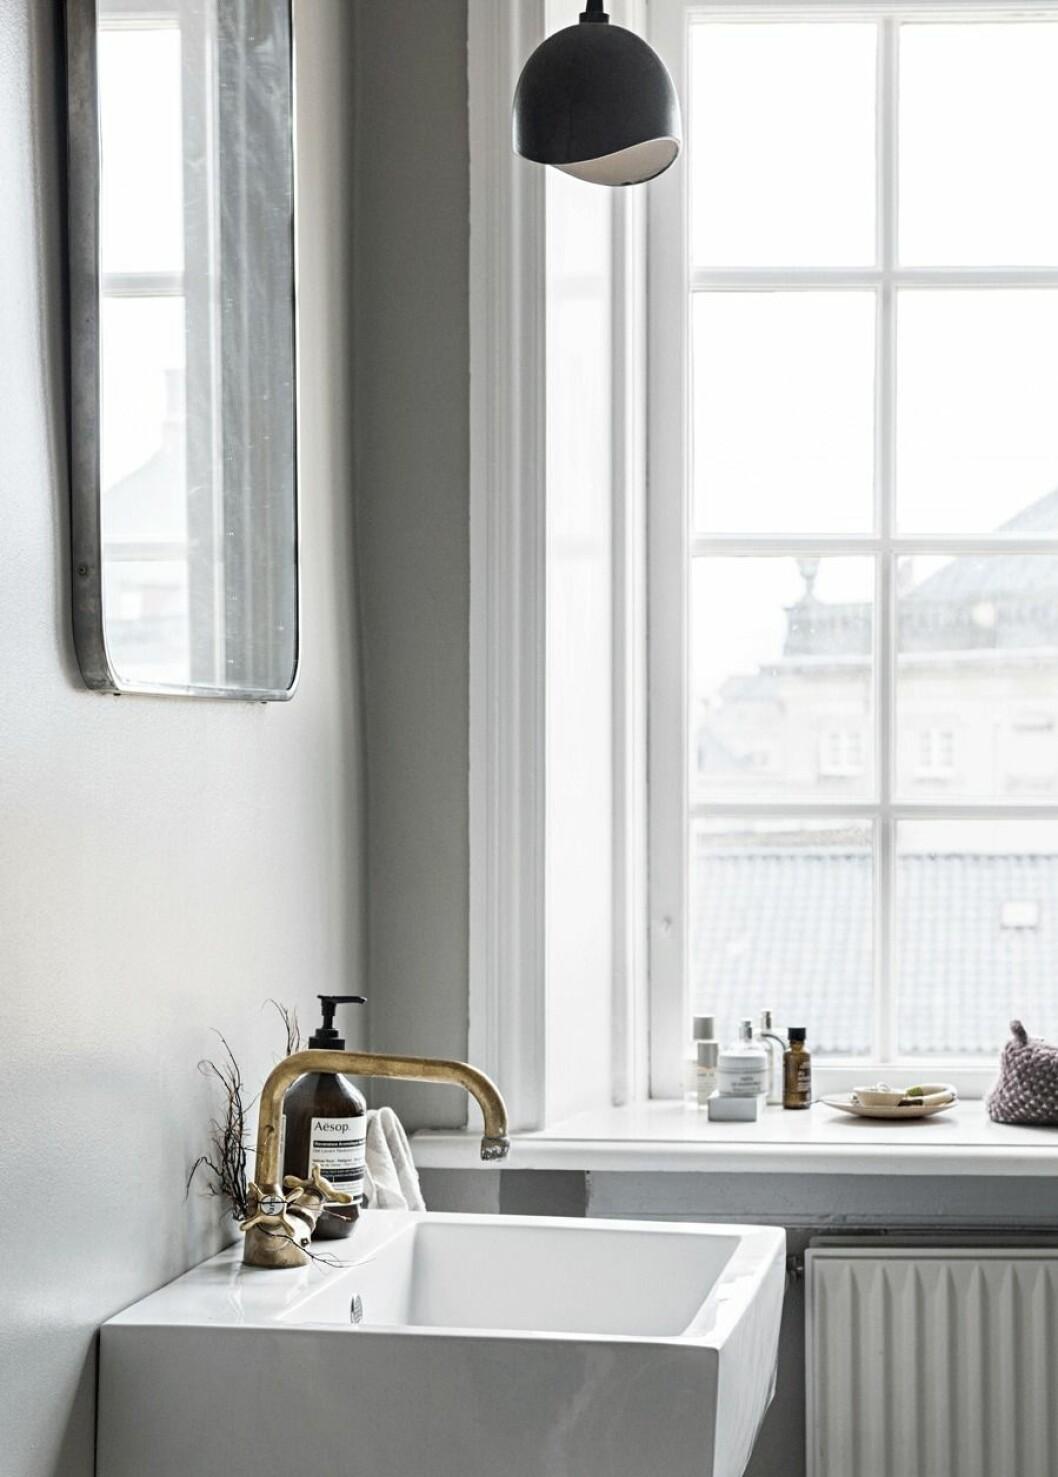 Ljusmålat badrum med utsikt över Köpenhamns hustak